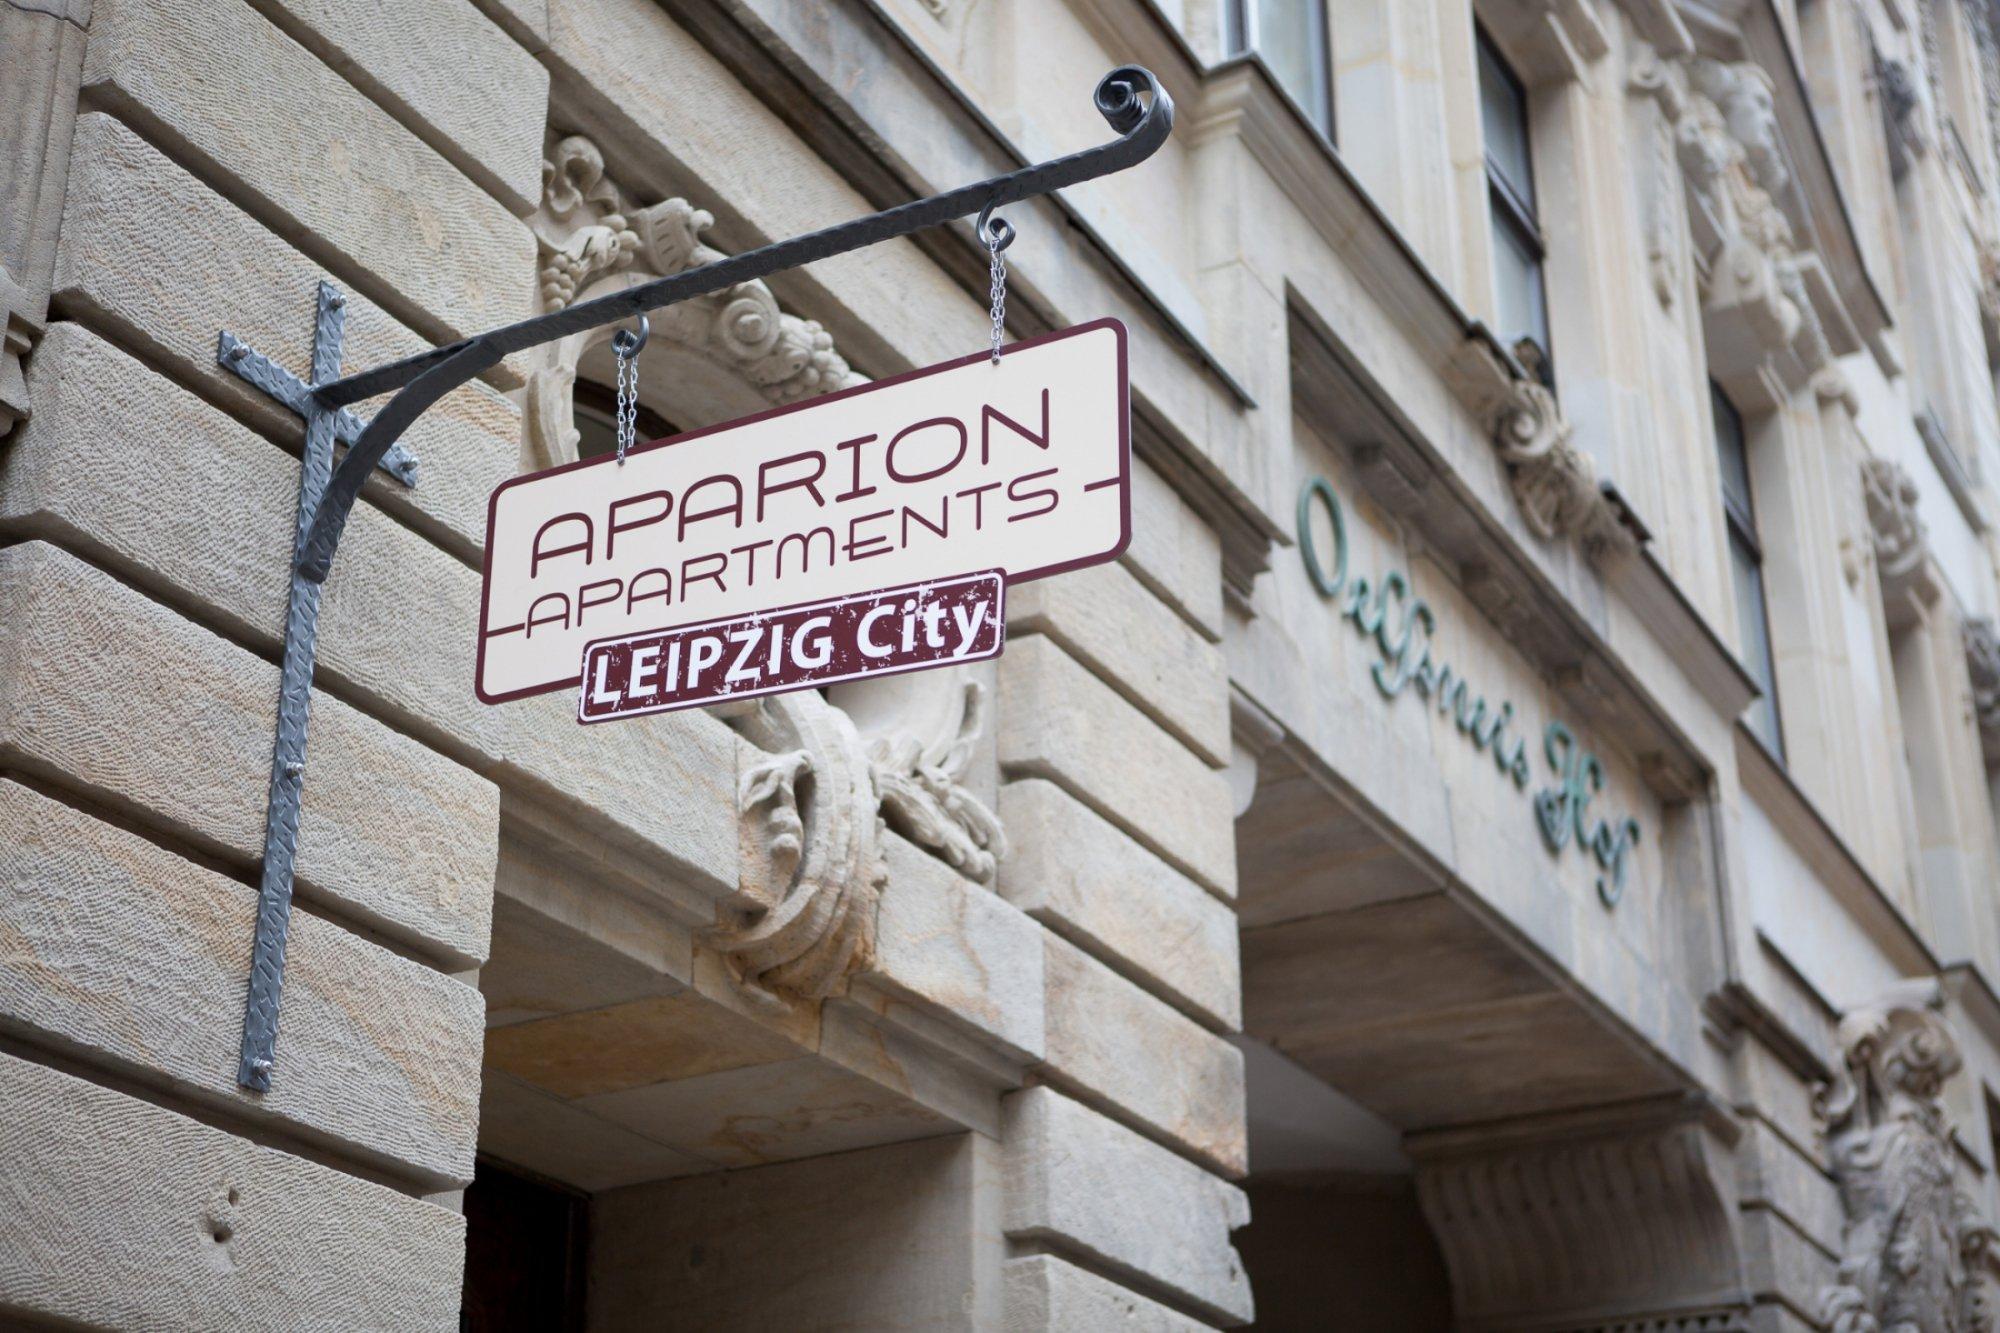 Aparion Apartments